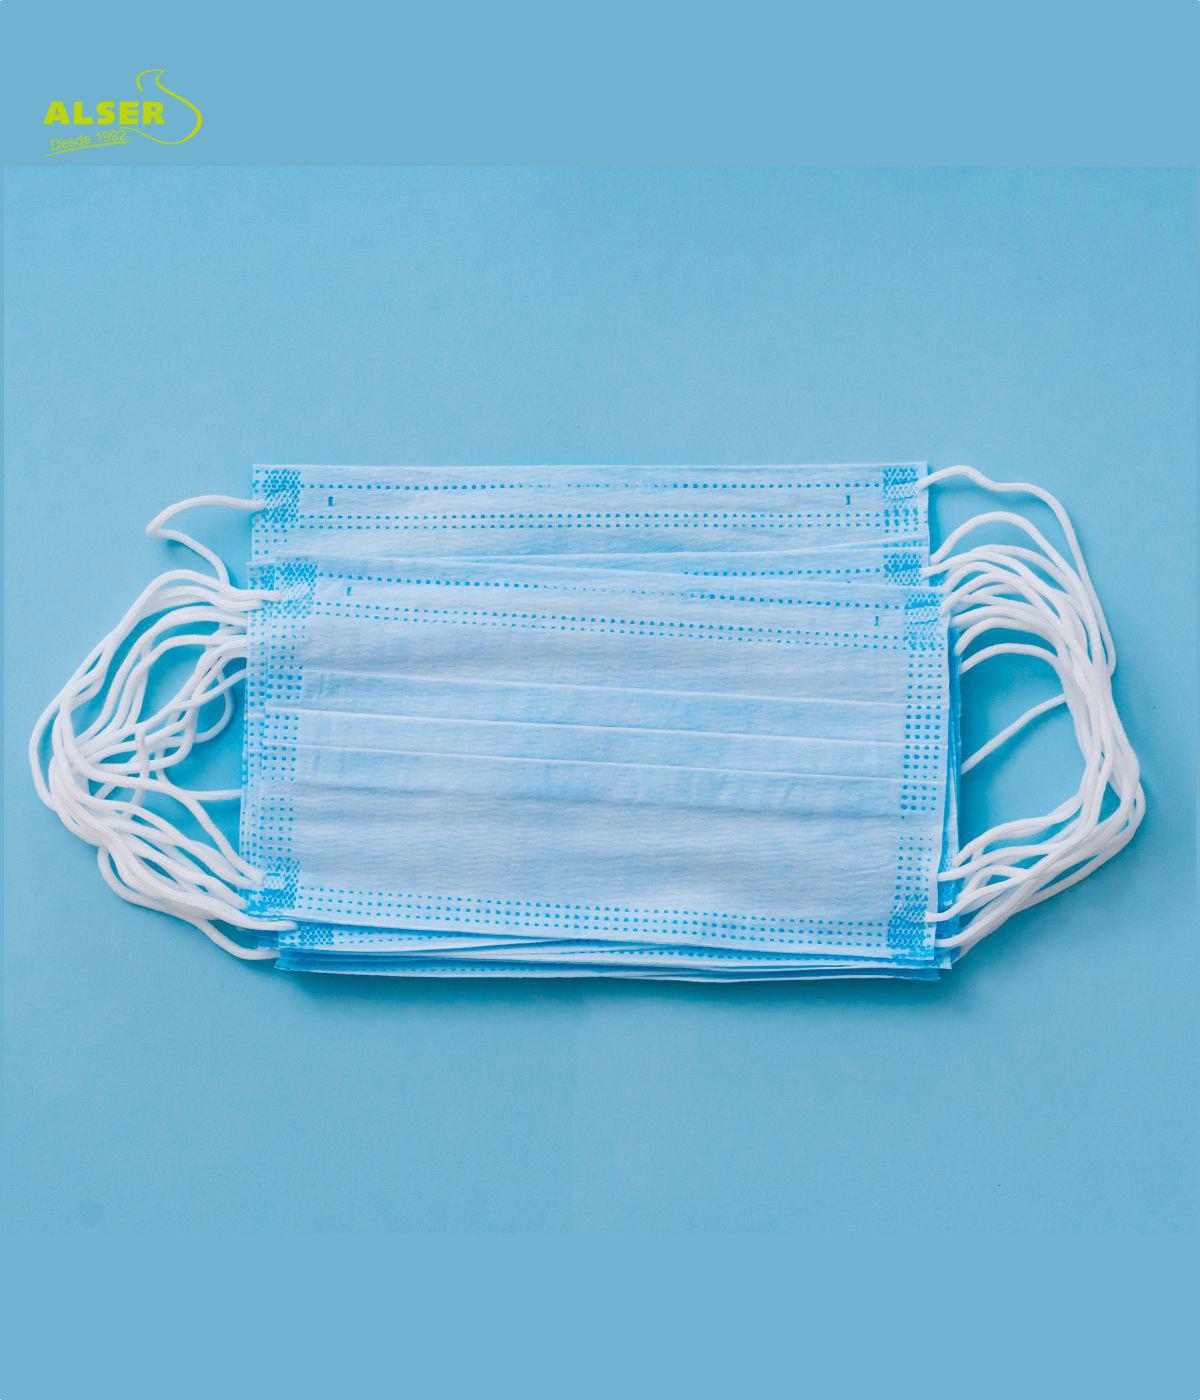 Mascarilla quirurgica azul para protección eficaz